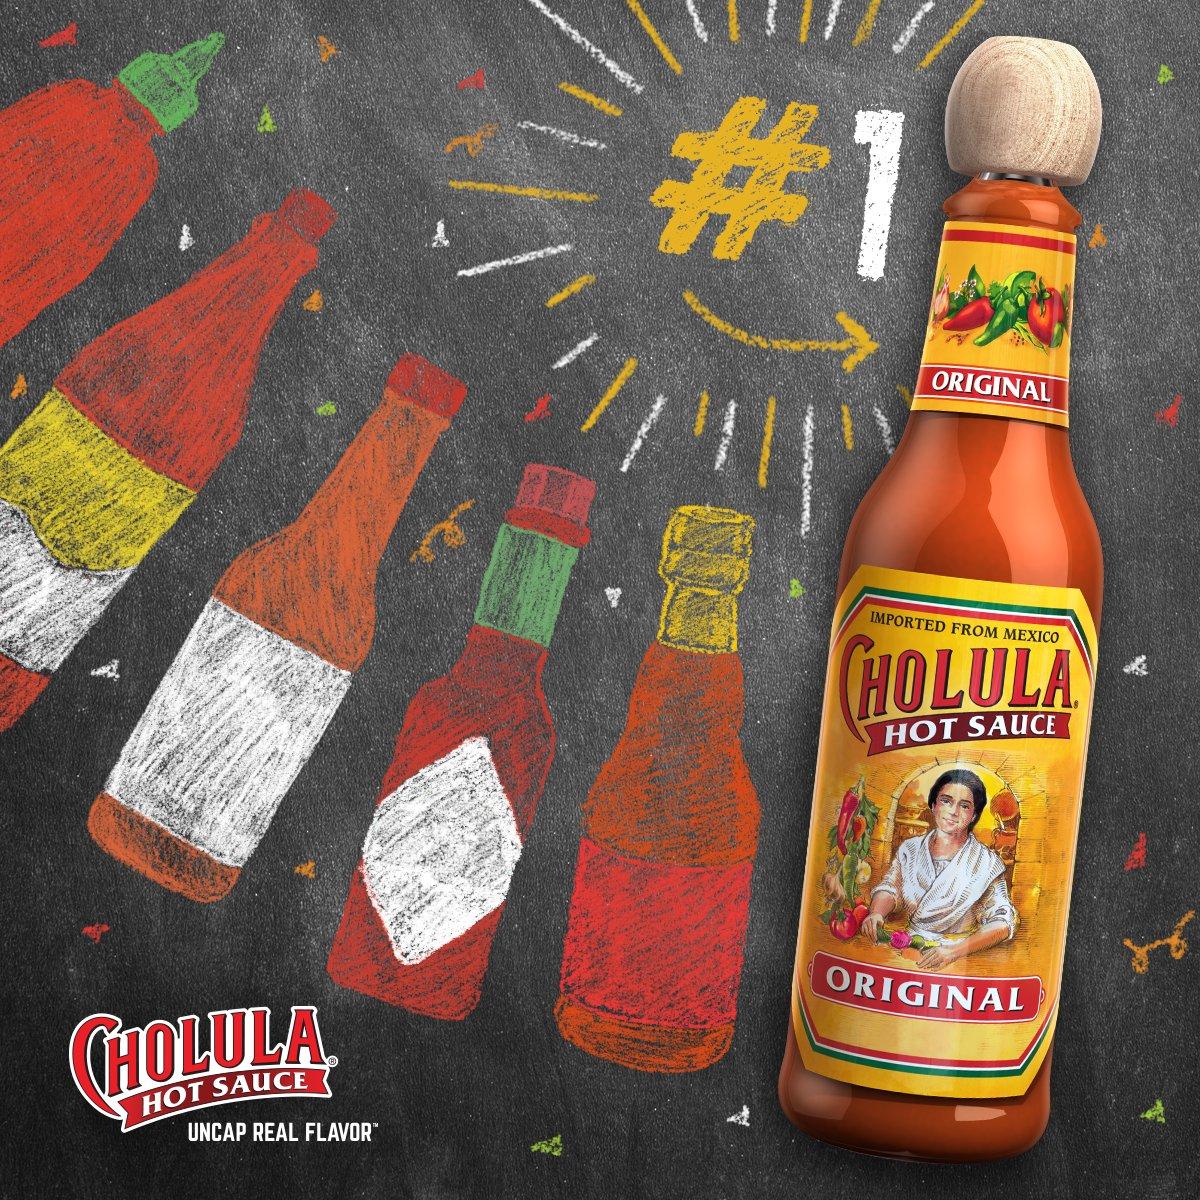 Cholula Hot Sauce Cholulahotsauce Twitter